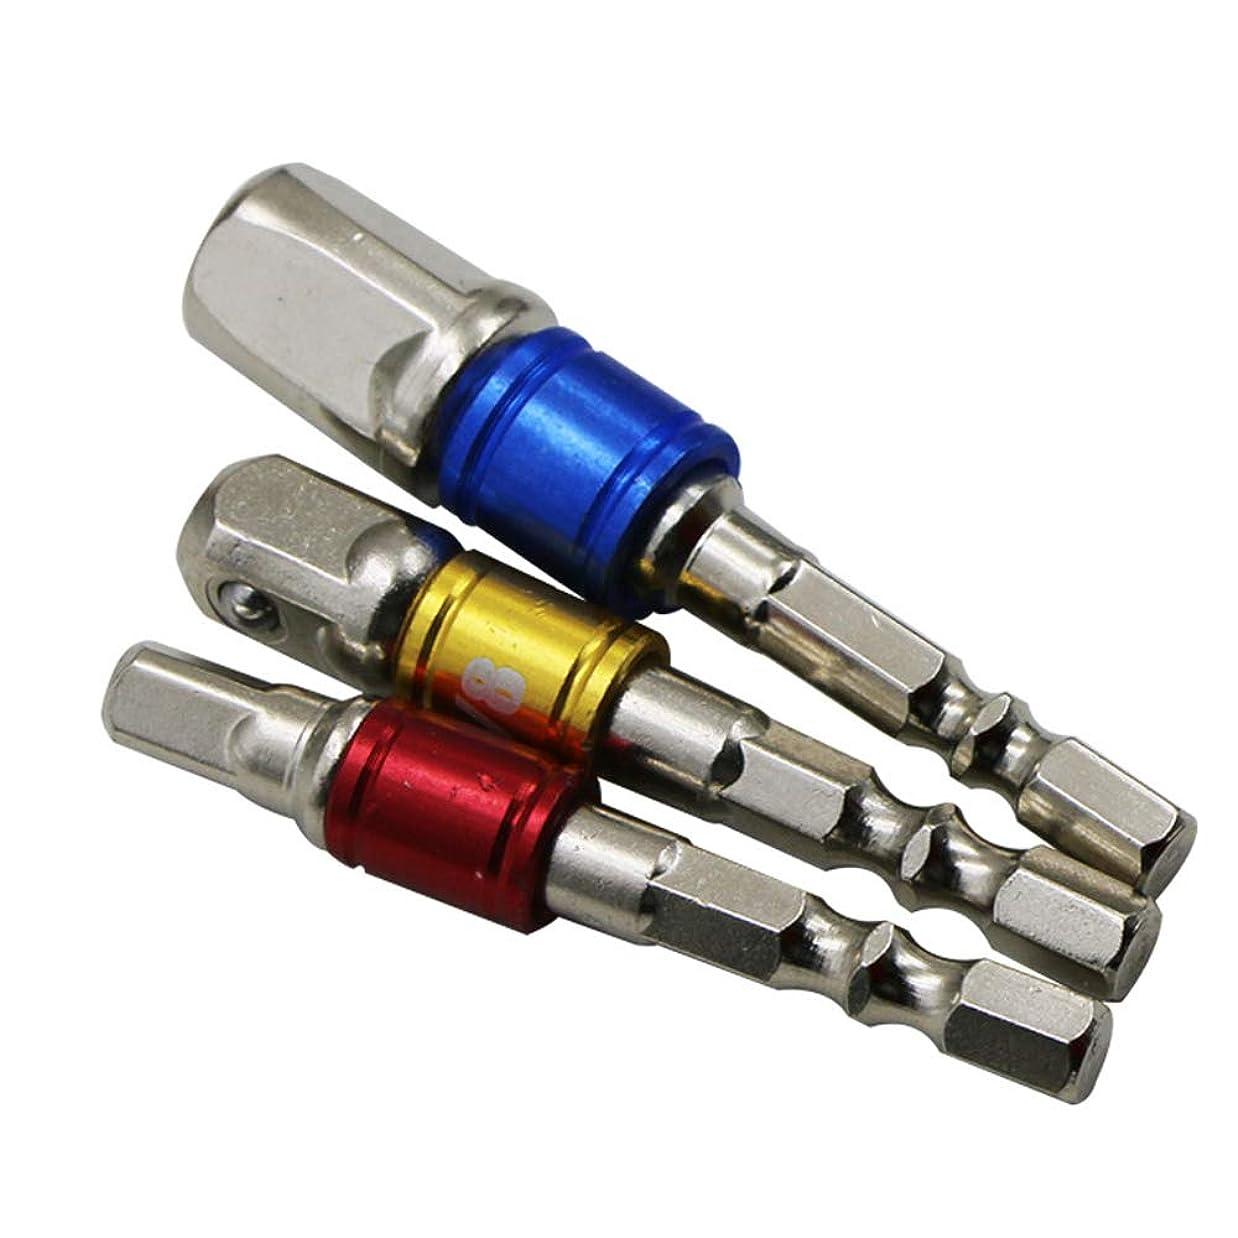 プットストレッチベアリングサークルソケットアダプタードライブ六角シャンクコンバーターインパクトセットエクステンションドリルビット電動工具アクセサリー (マルチカラー)